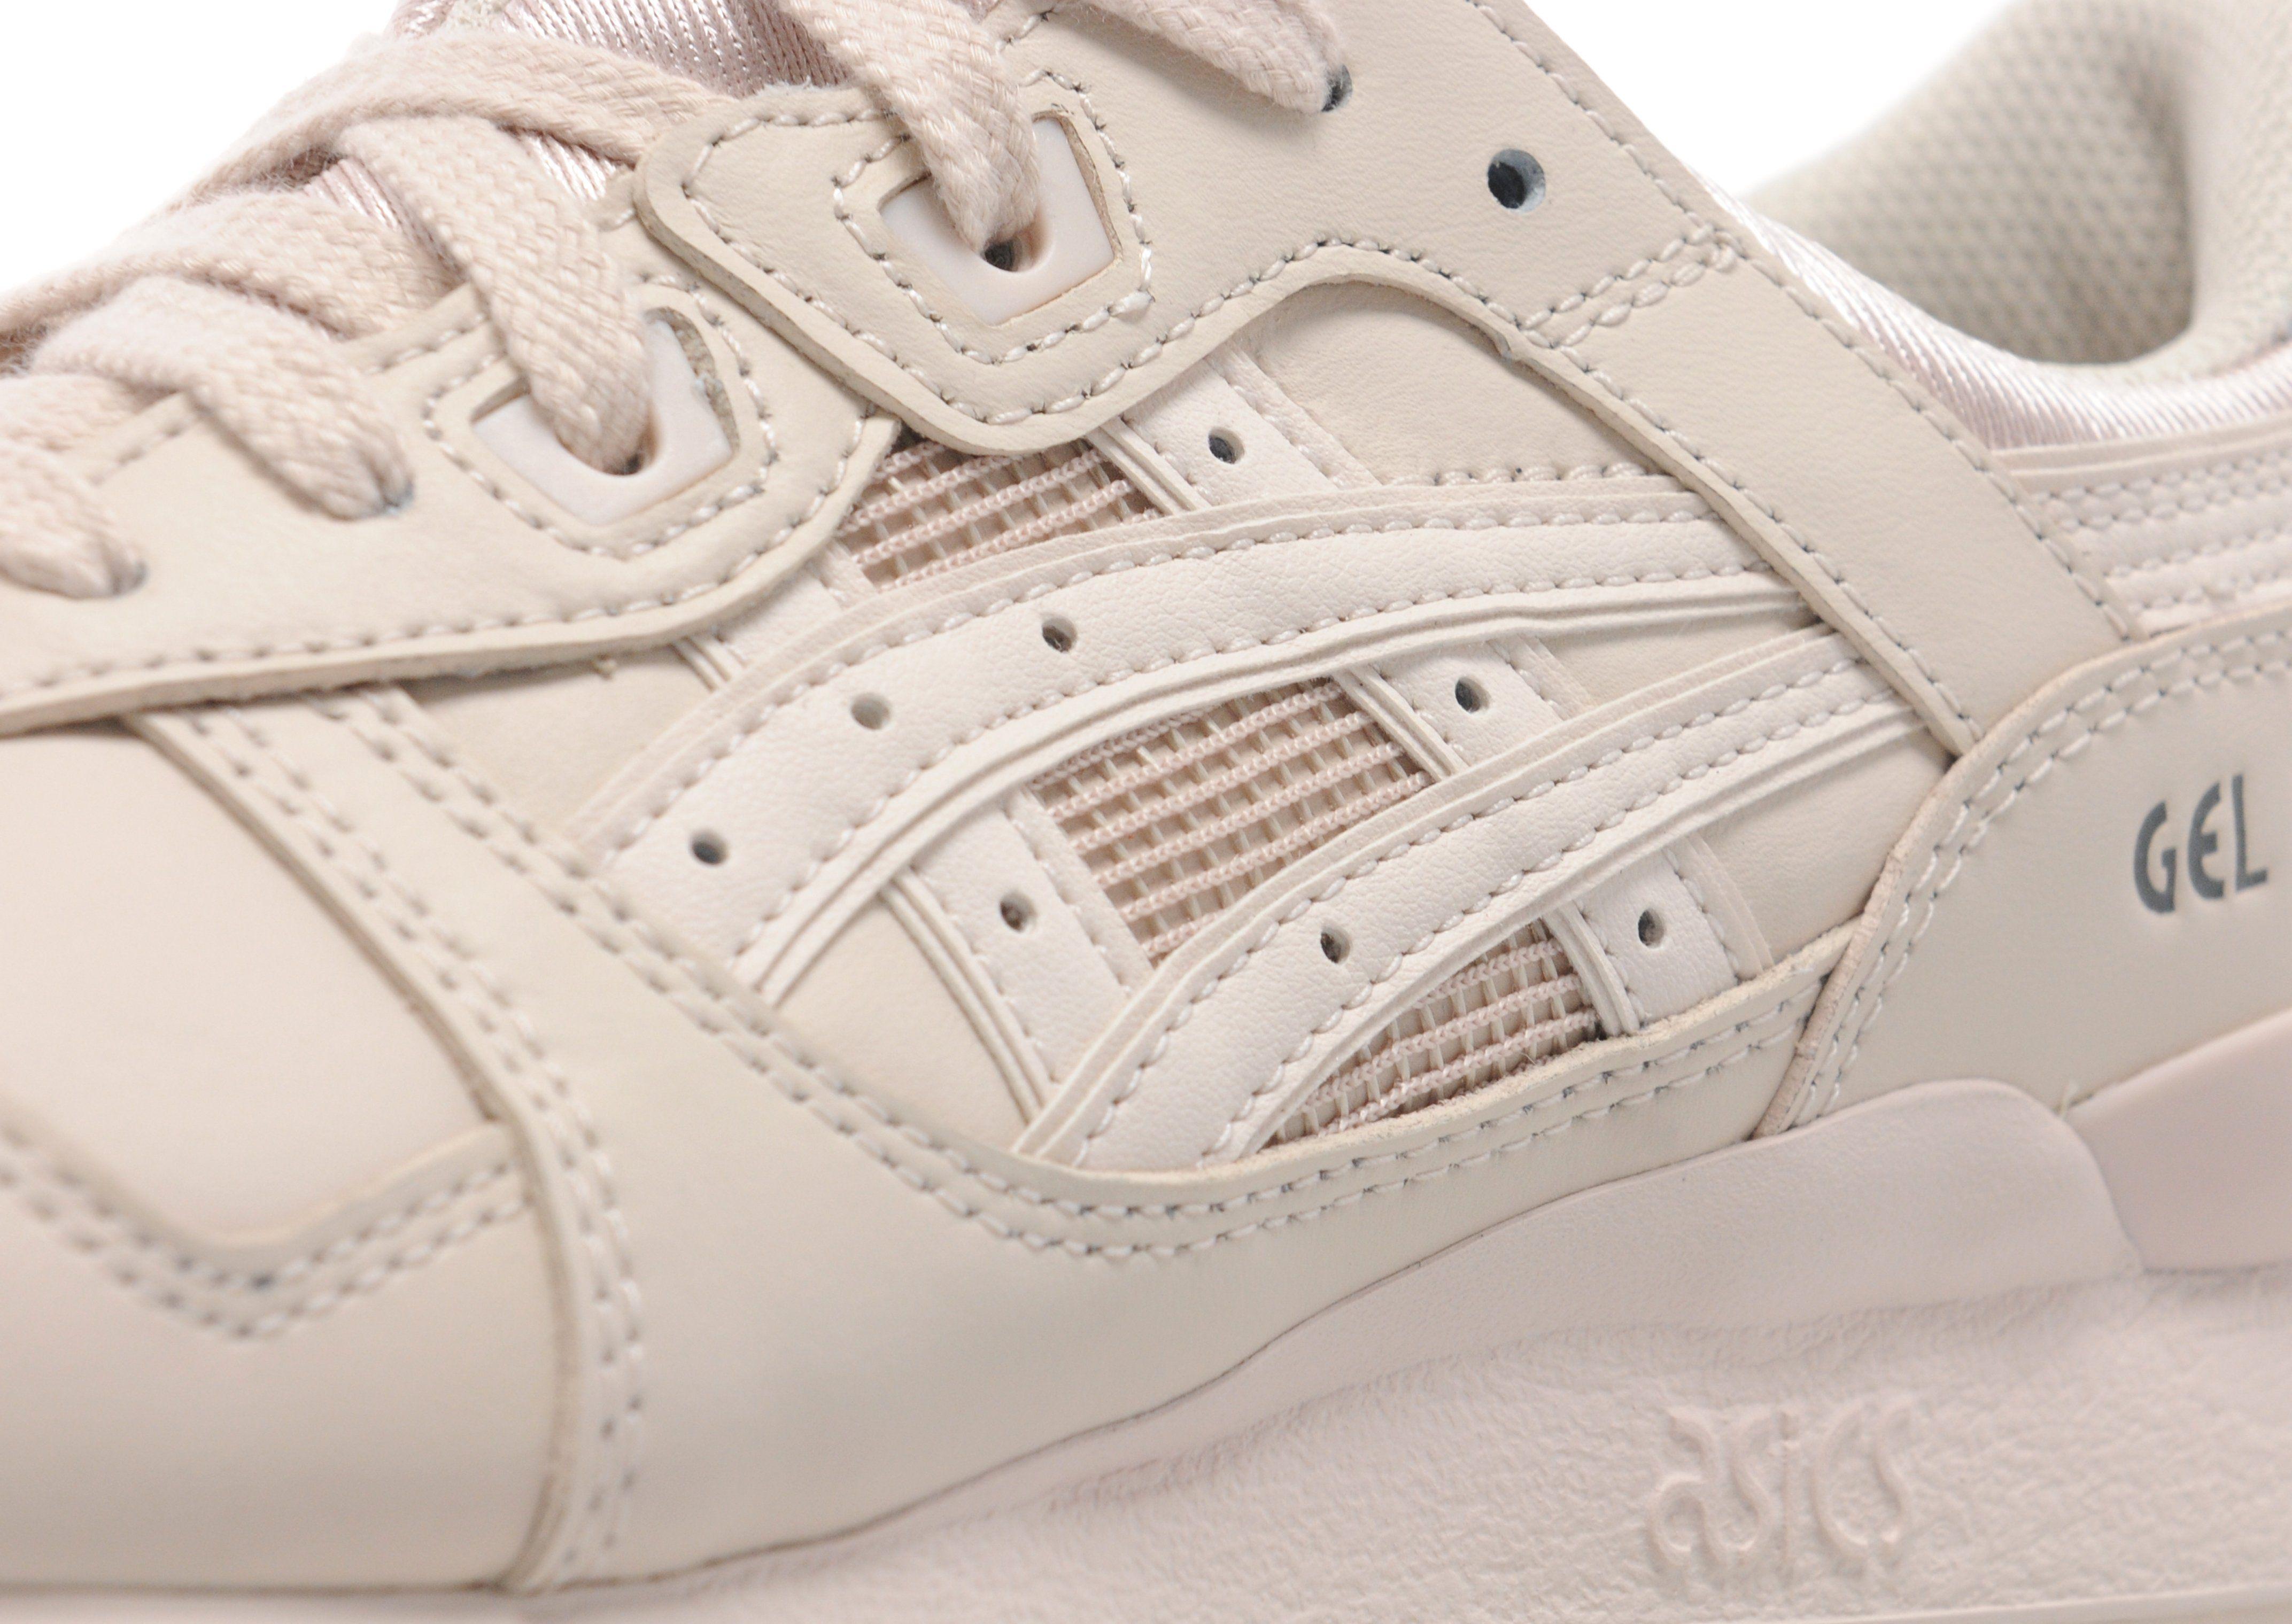 ASICS GEL-Lyte III Leather Women's